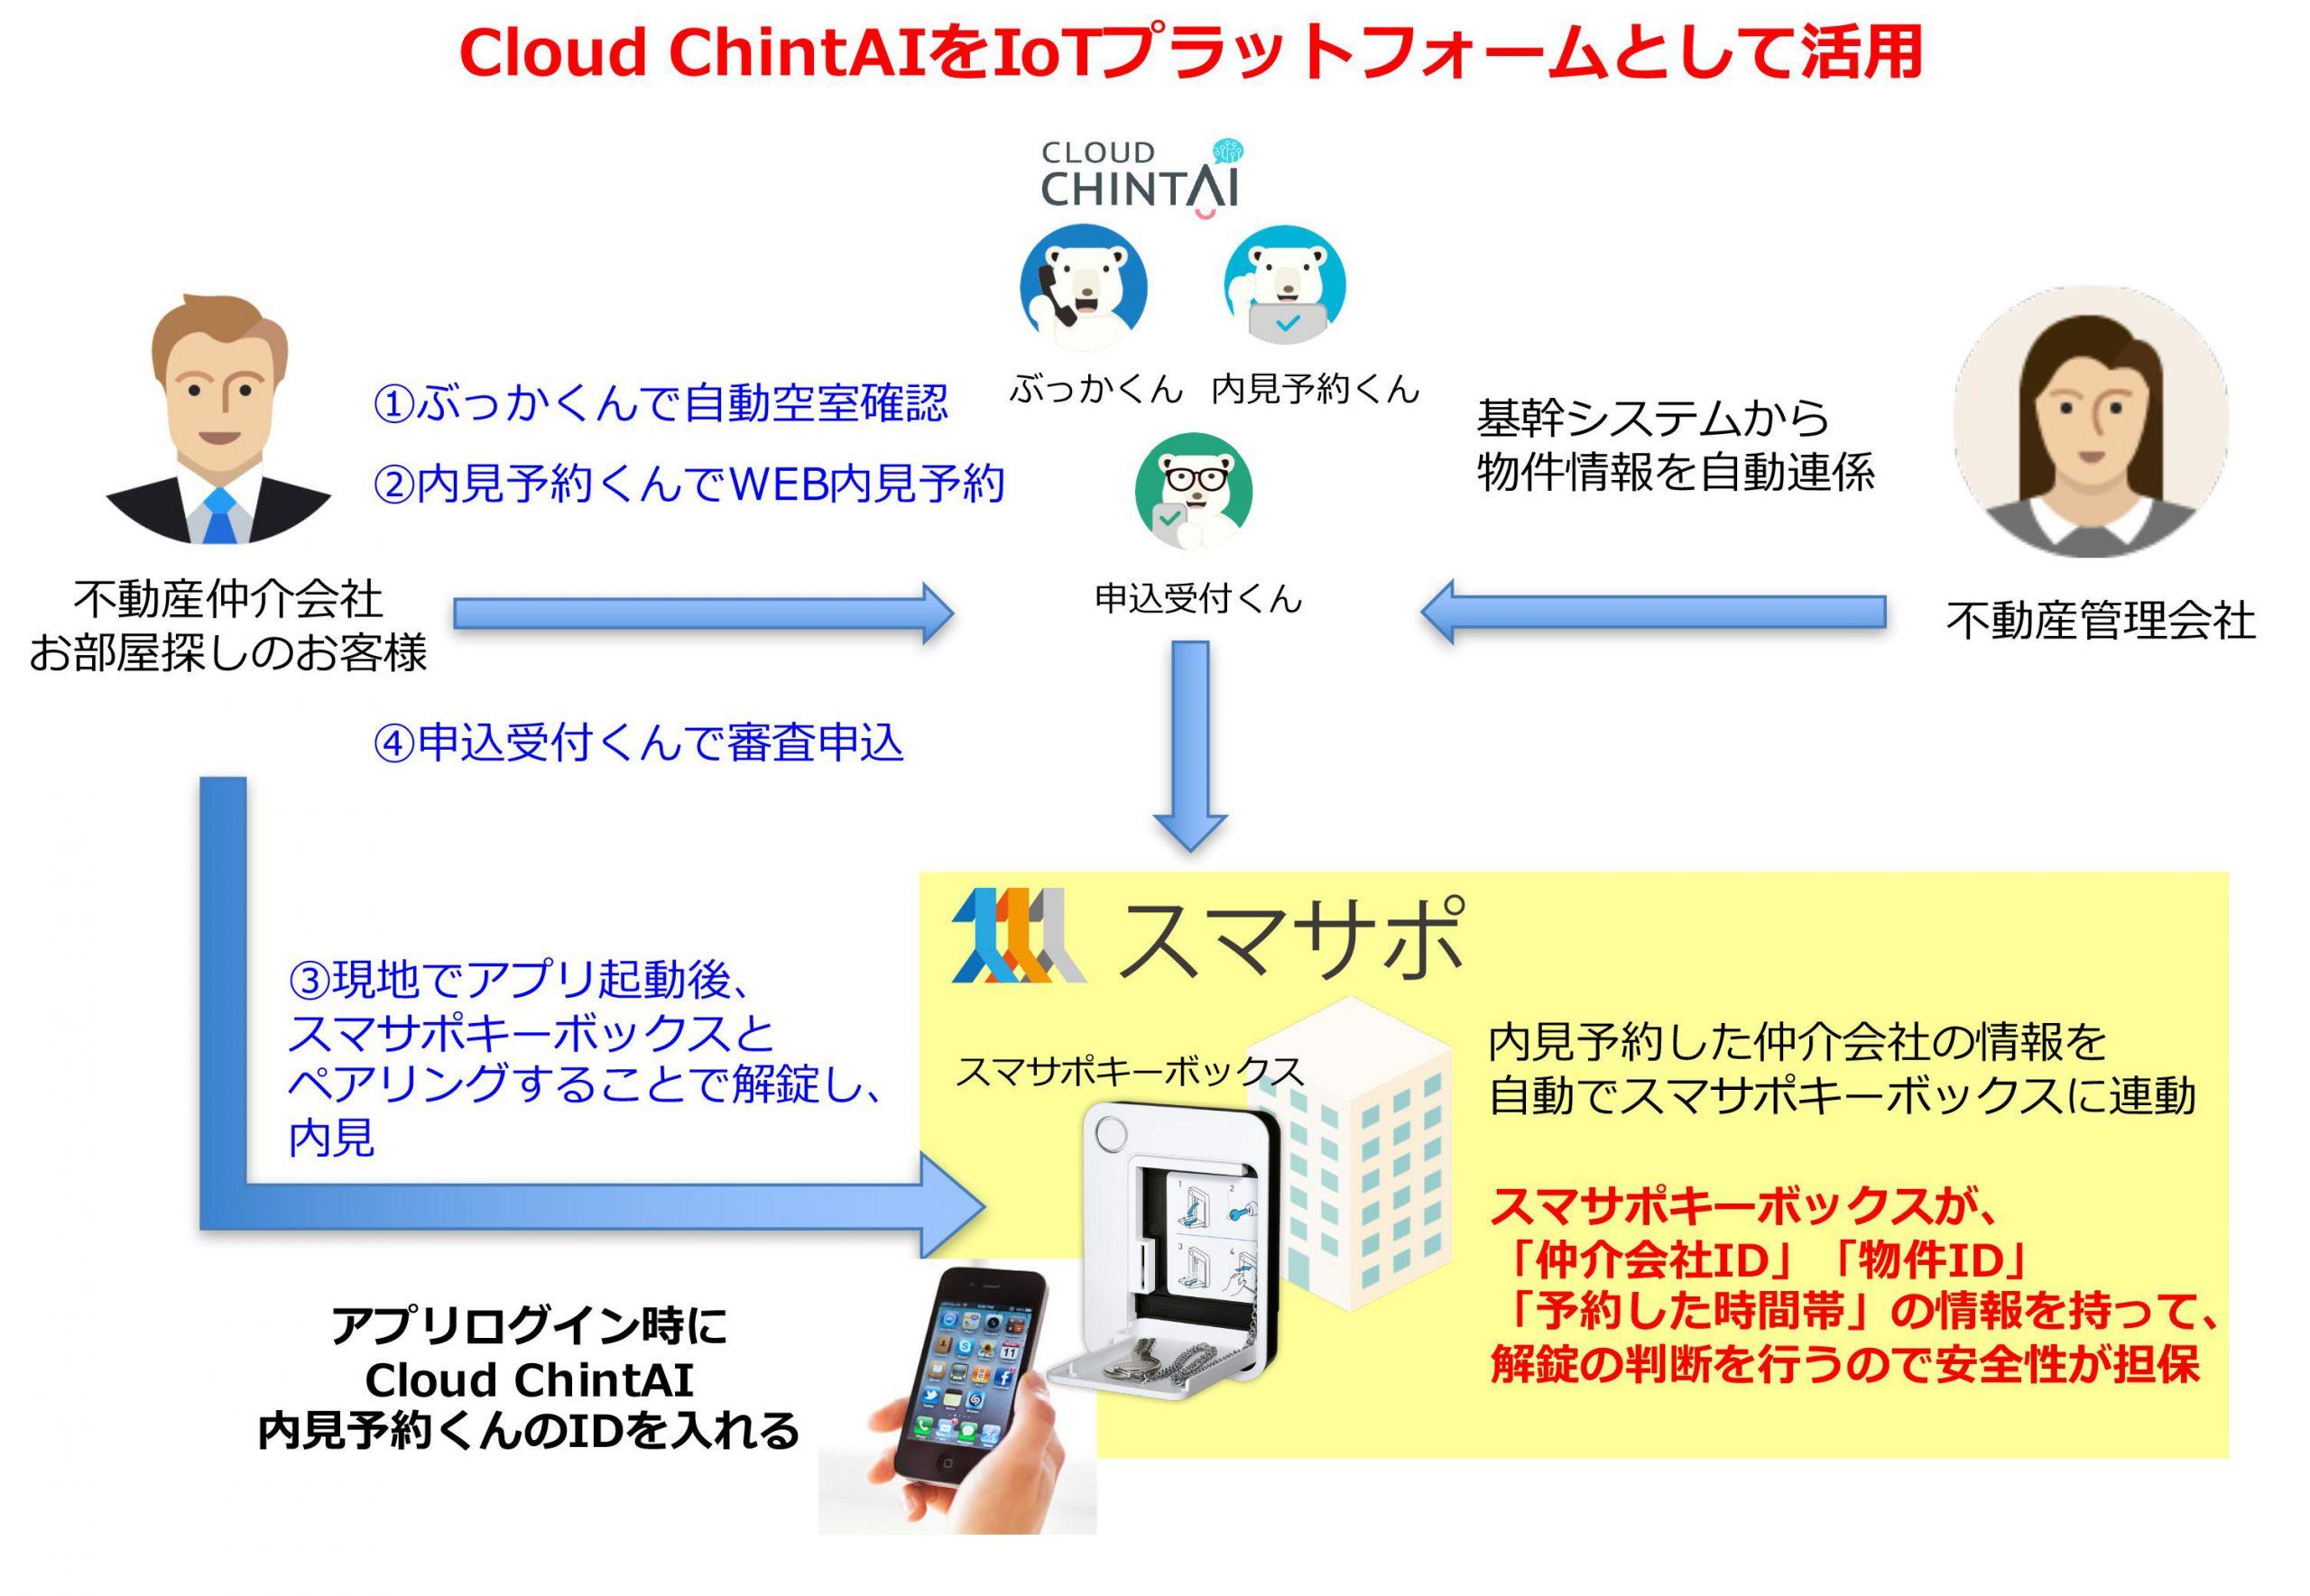 スマホで開錠できるIoT案内鍵ツール「スマサポキーボックス」が 不動産業務を自動化する「Cloud ChintAI」と連携